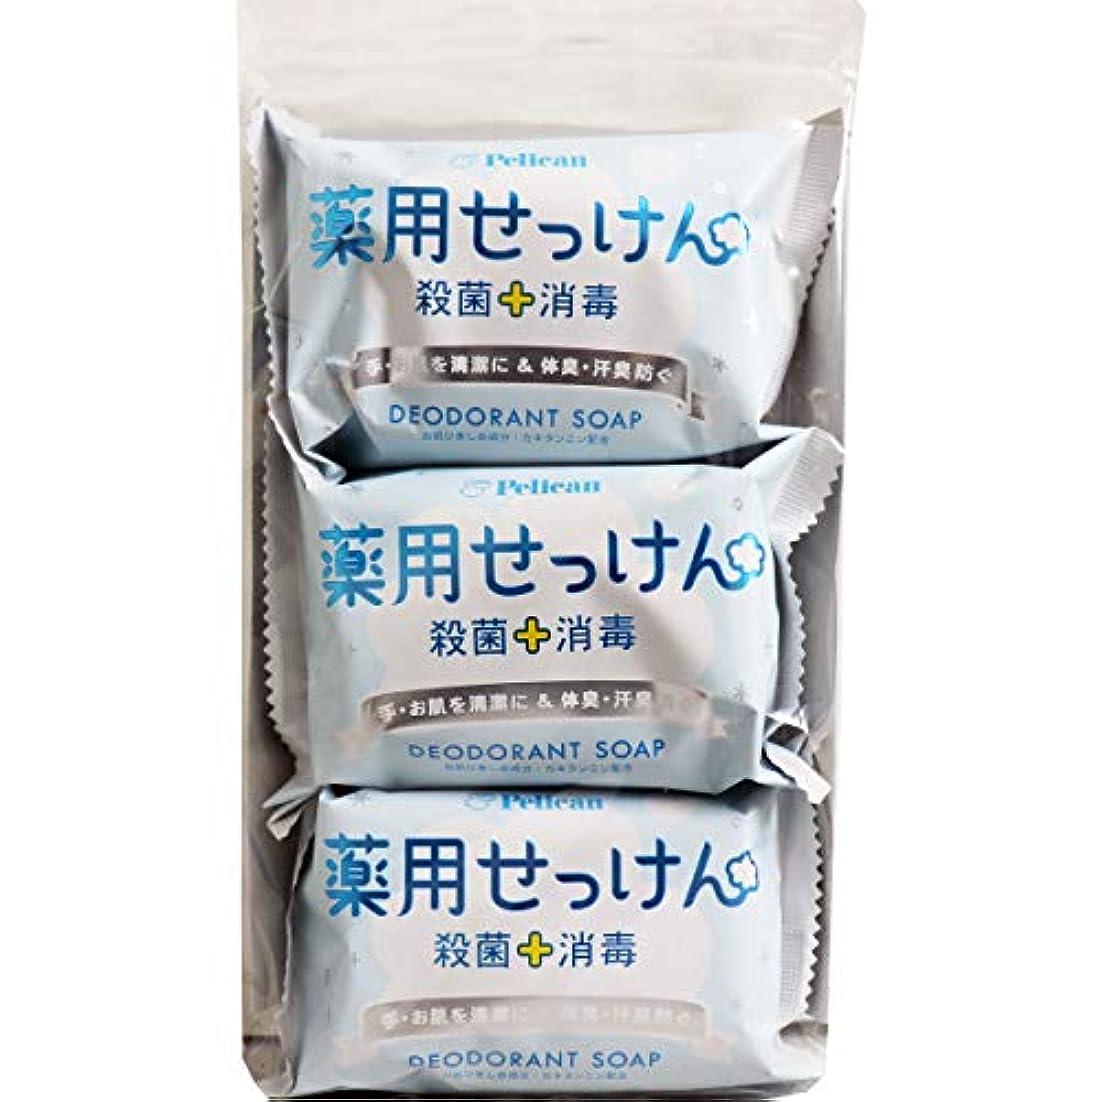 広範囲外交ガスペリカン石鹸 薬用石けん 85g×3個×4パック